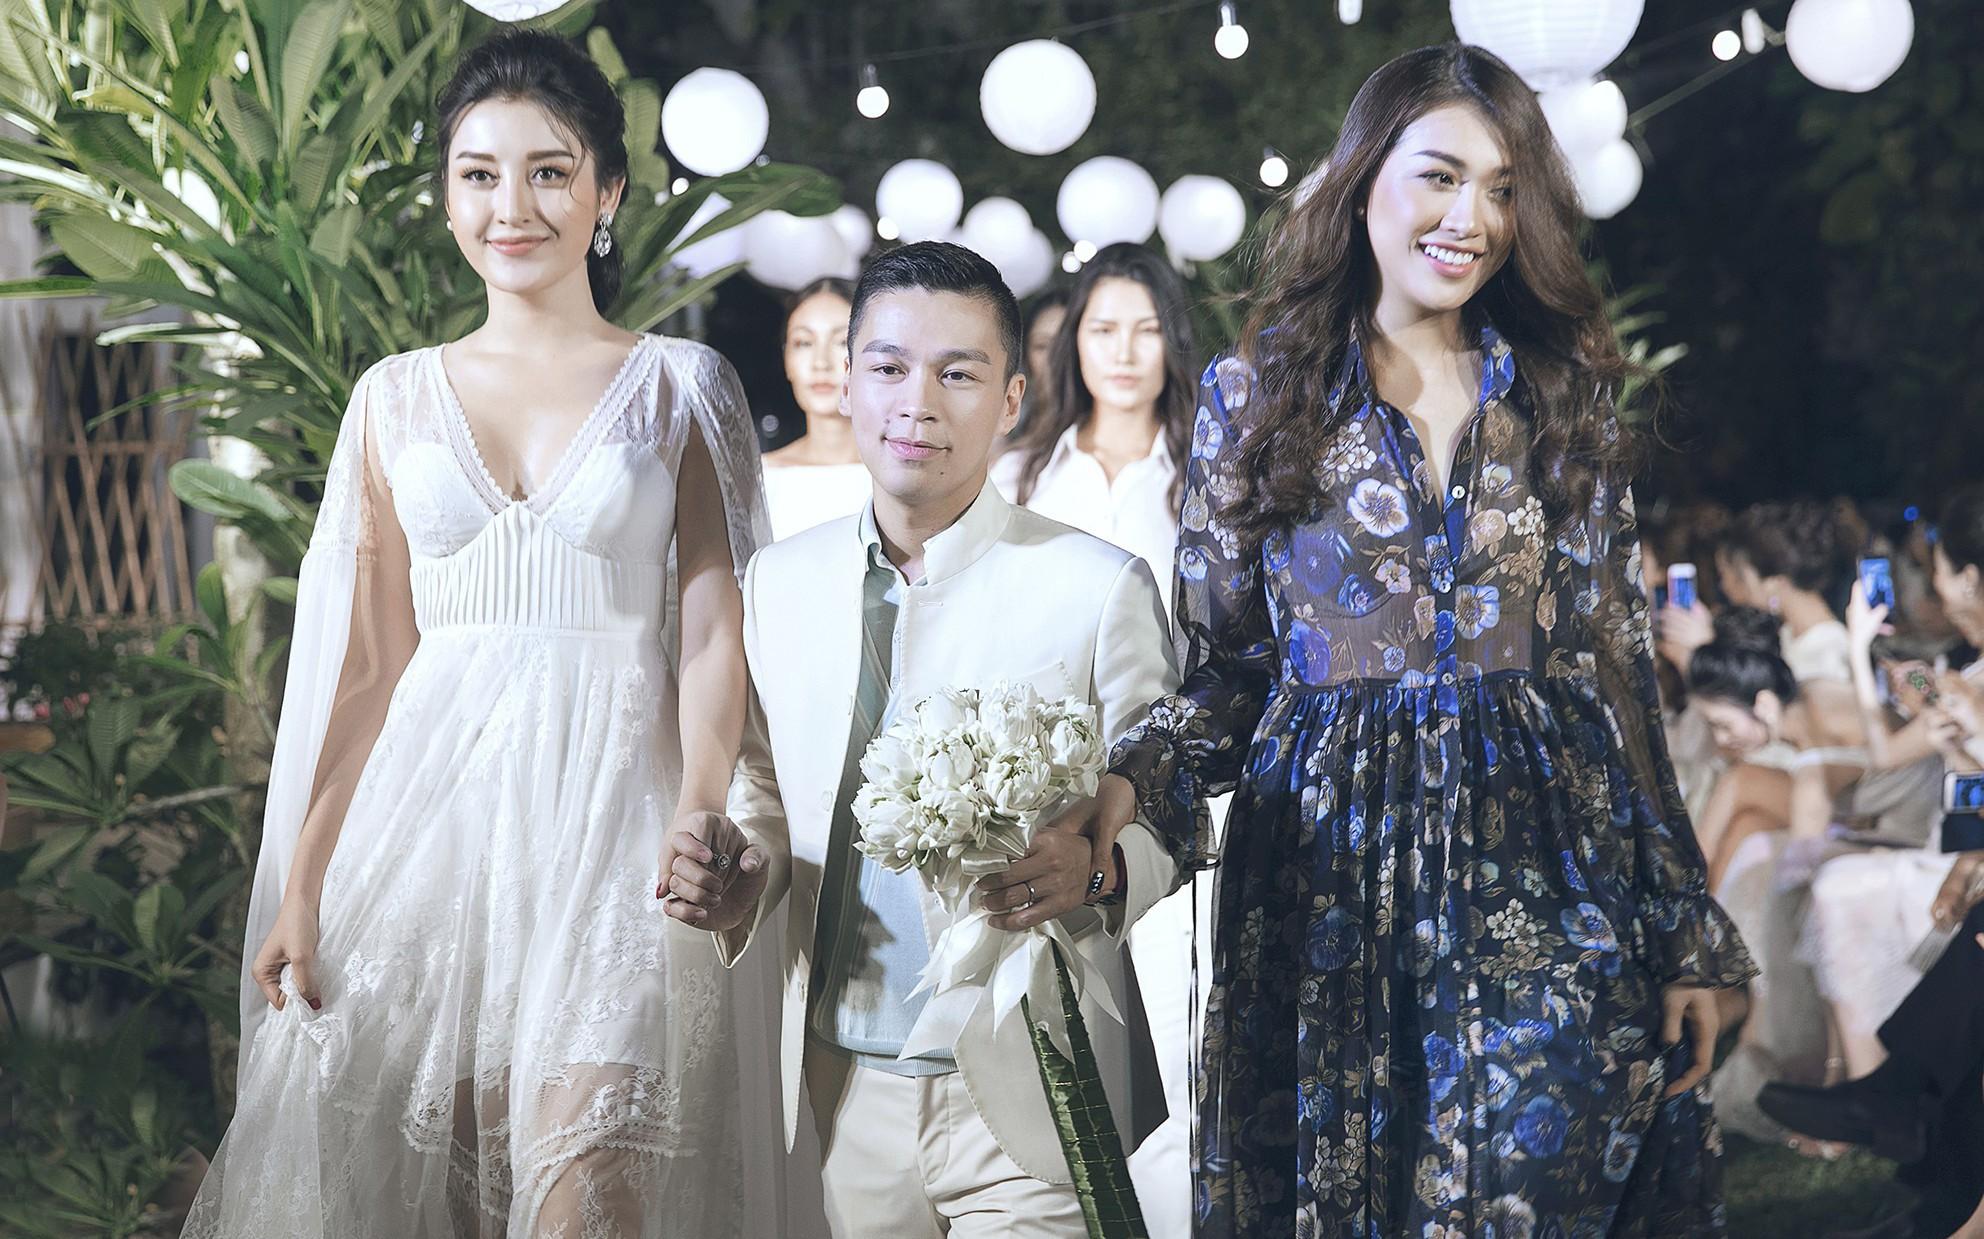 Á hậu Huyền My làm vedette, kết màn show diễn ngoài trời thơ mộng của NTK Adrian Anh Tuấn